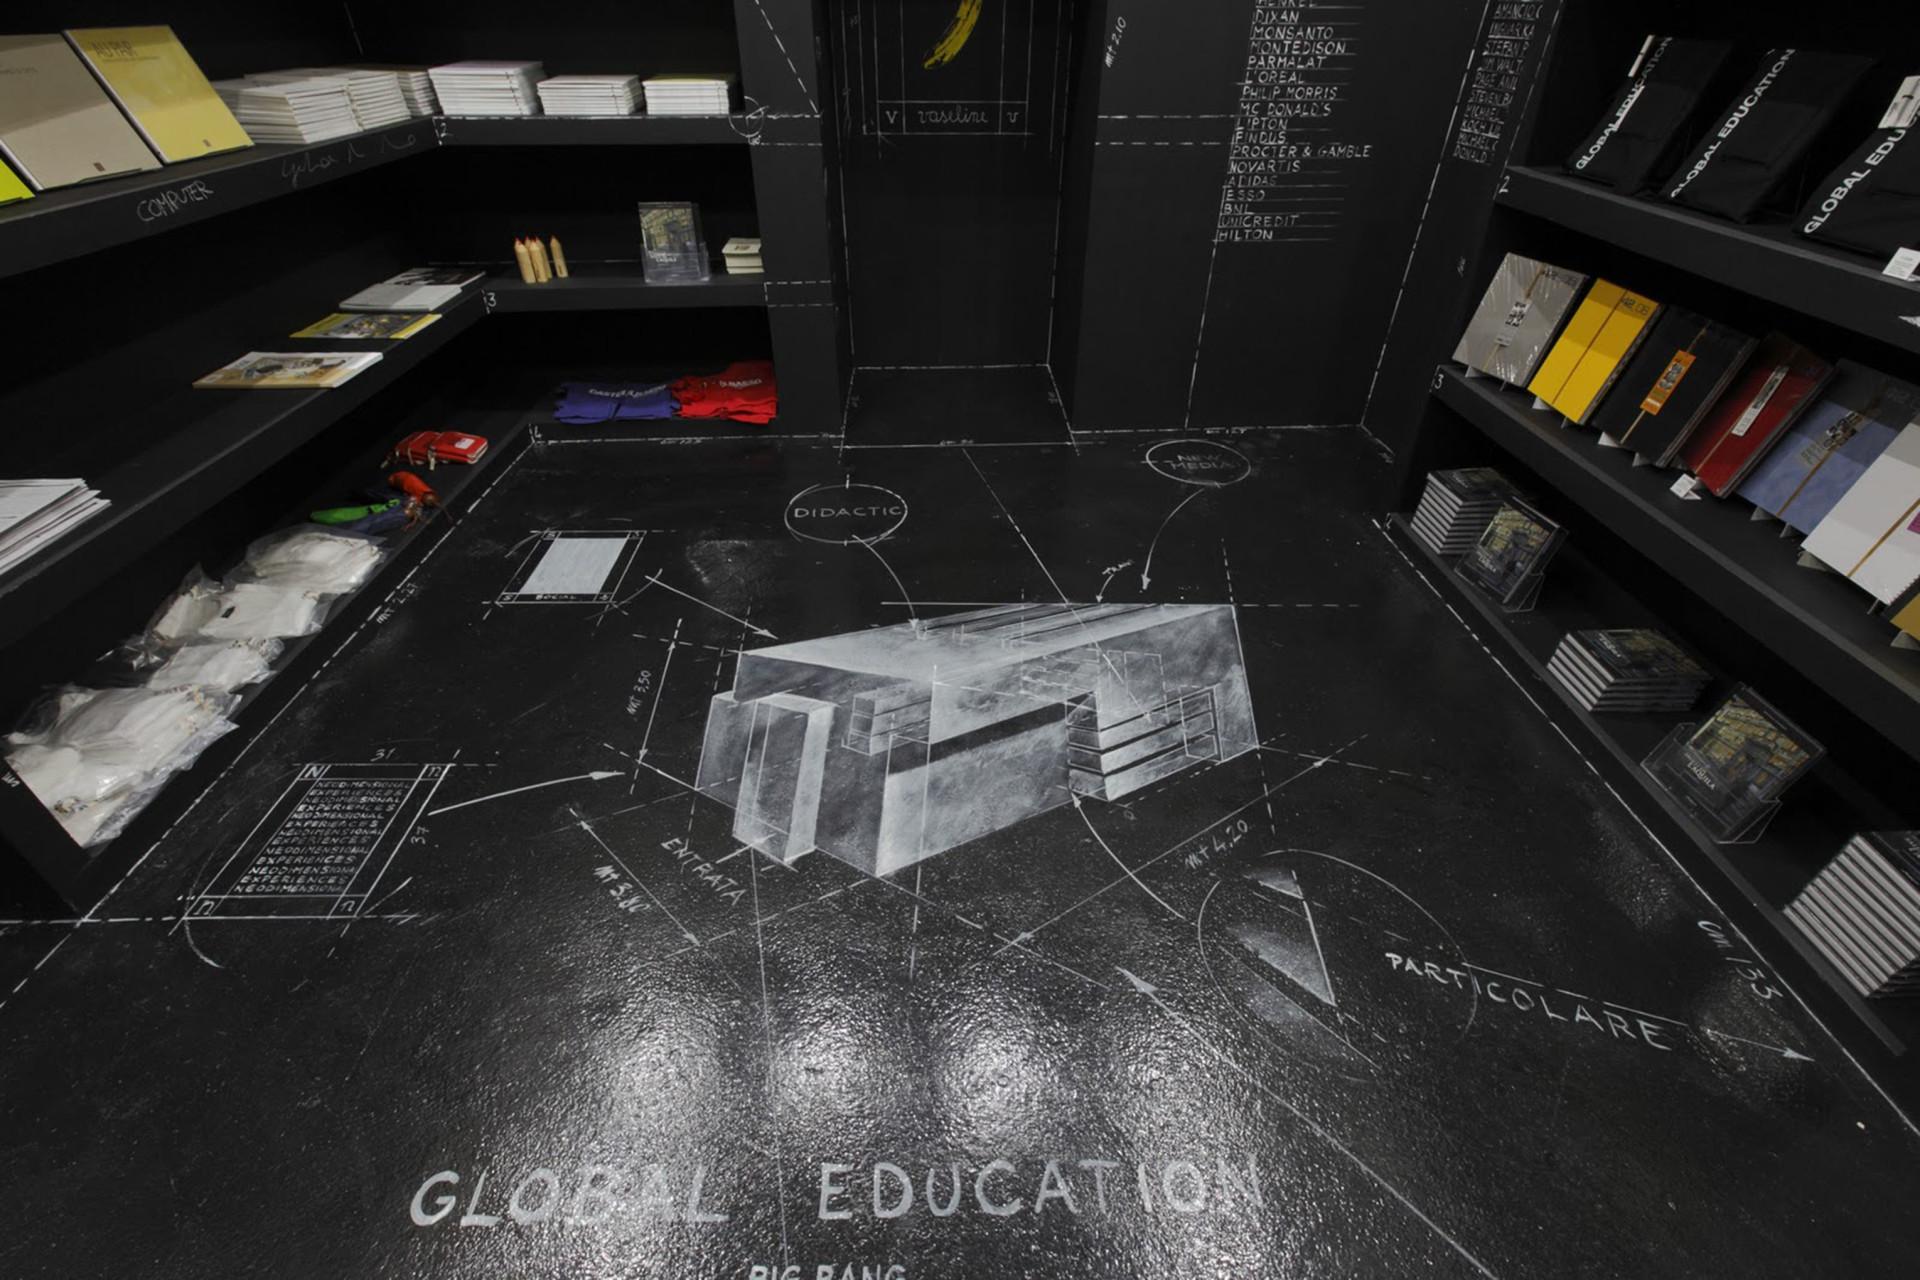 Global Education collezione Menegaz08_bassa